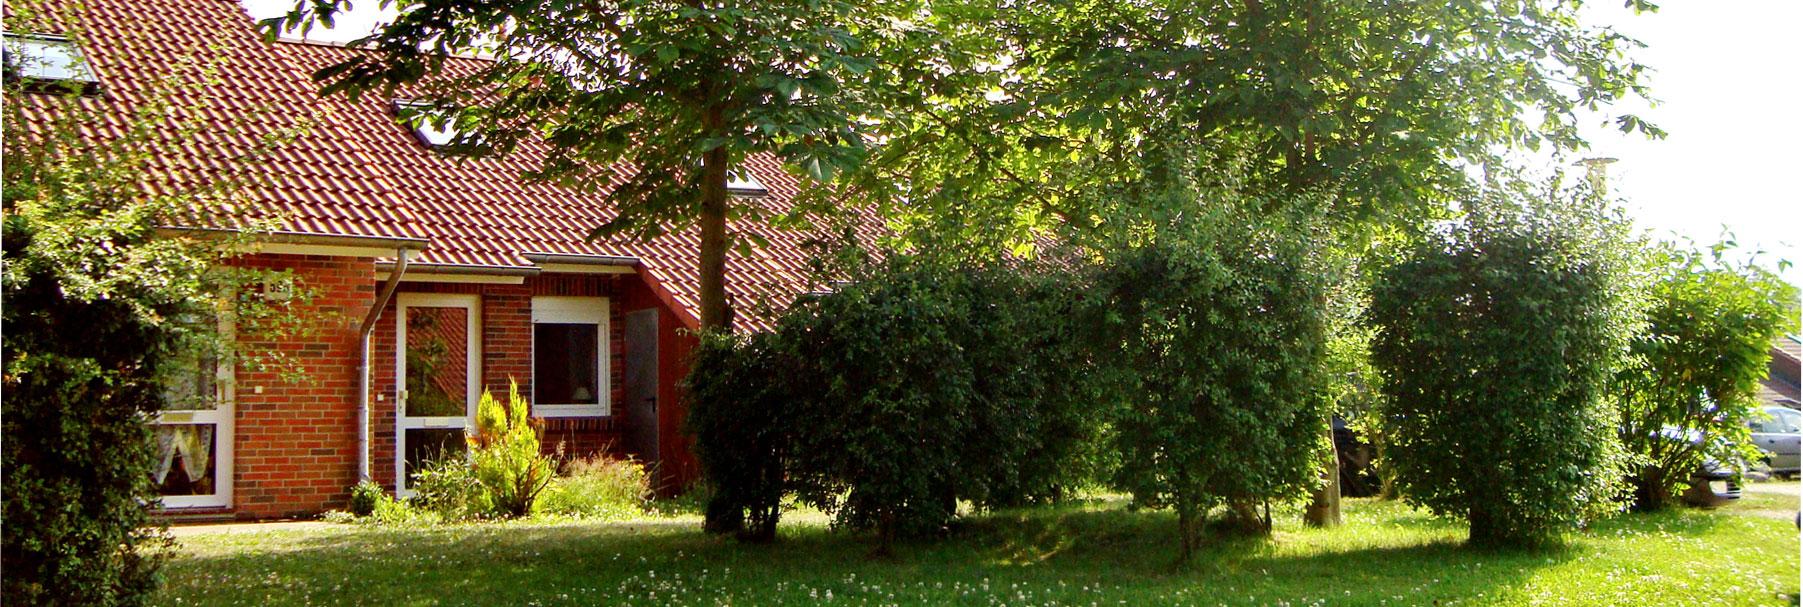 Außenansicht - Ferienhaus Kleeblatt